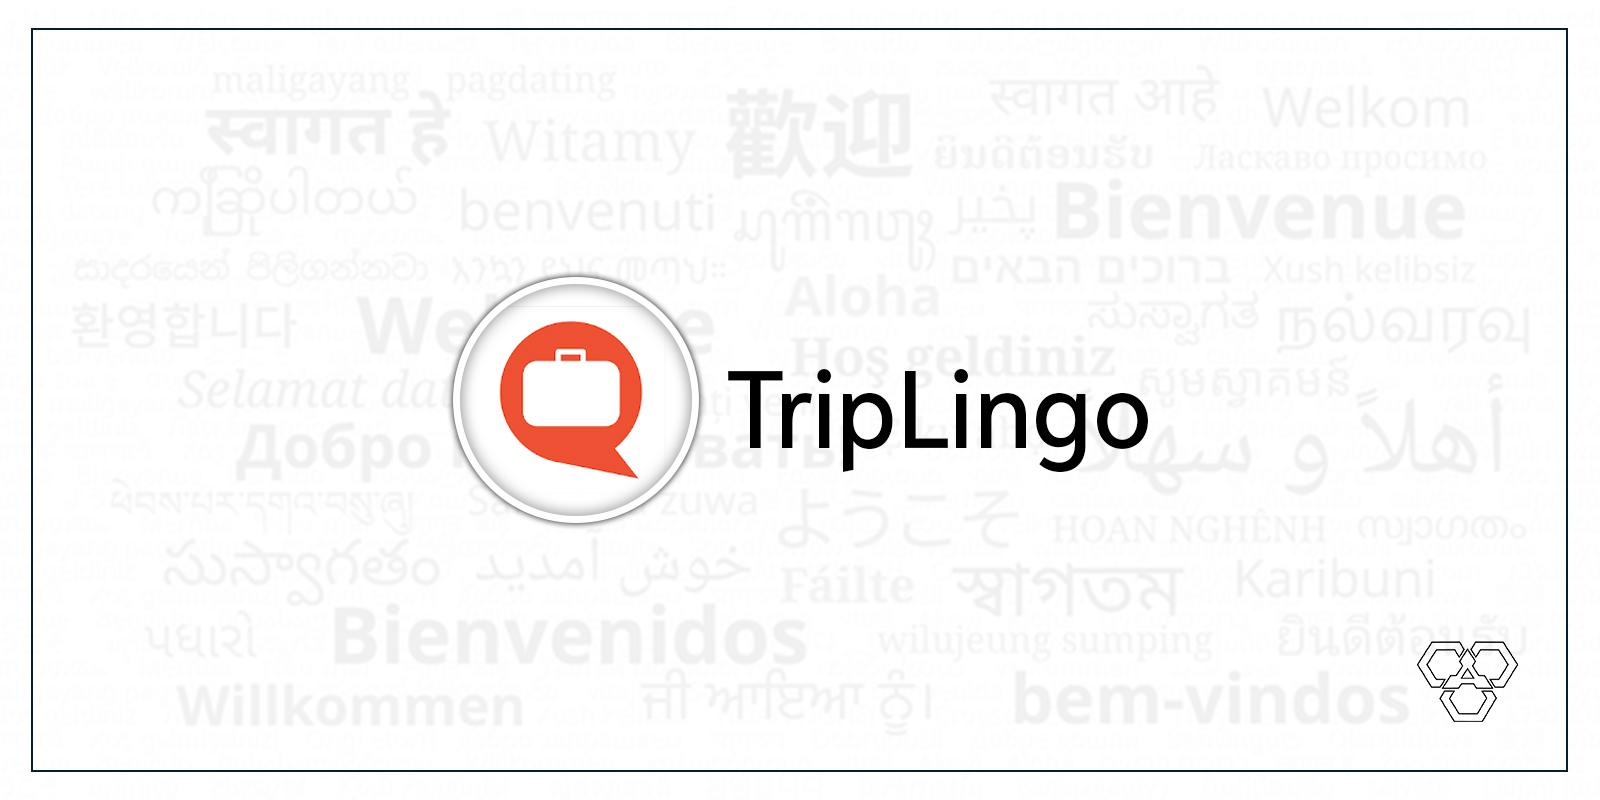 TripLingo app